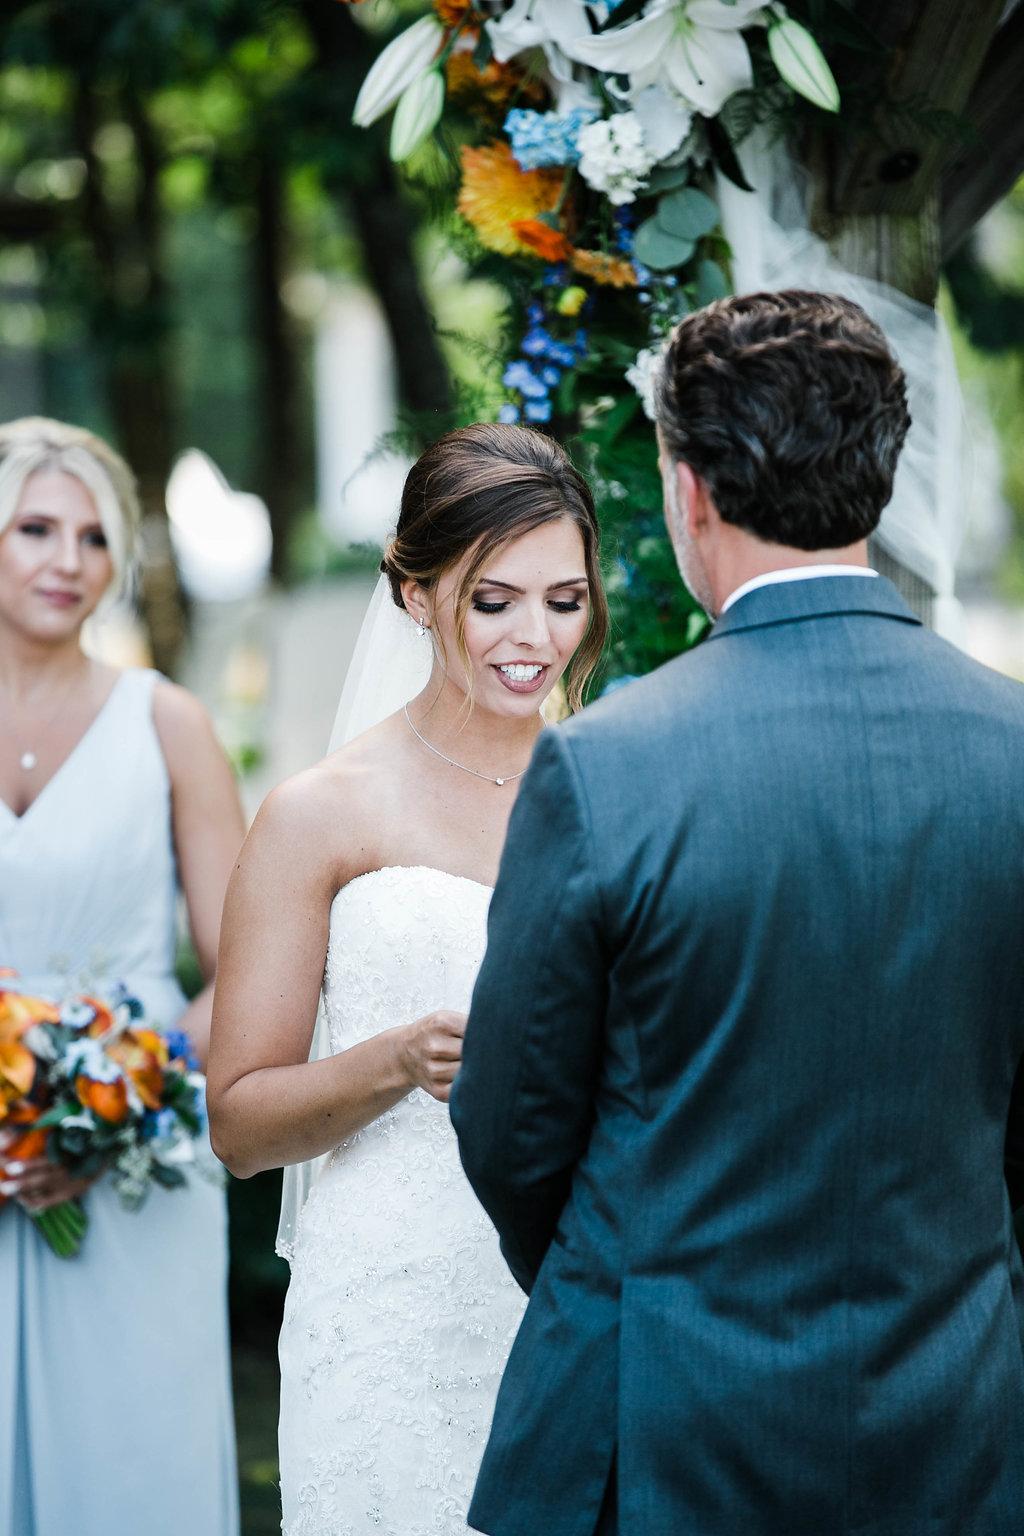 Erin+Tyson_The_Kelley_Farm_Wedding_by_Adina_Preston_Weddings_638.JPG